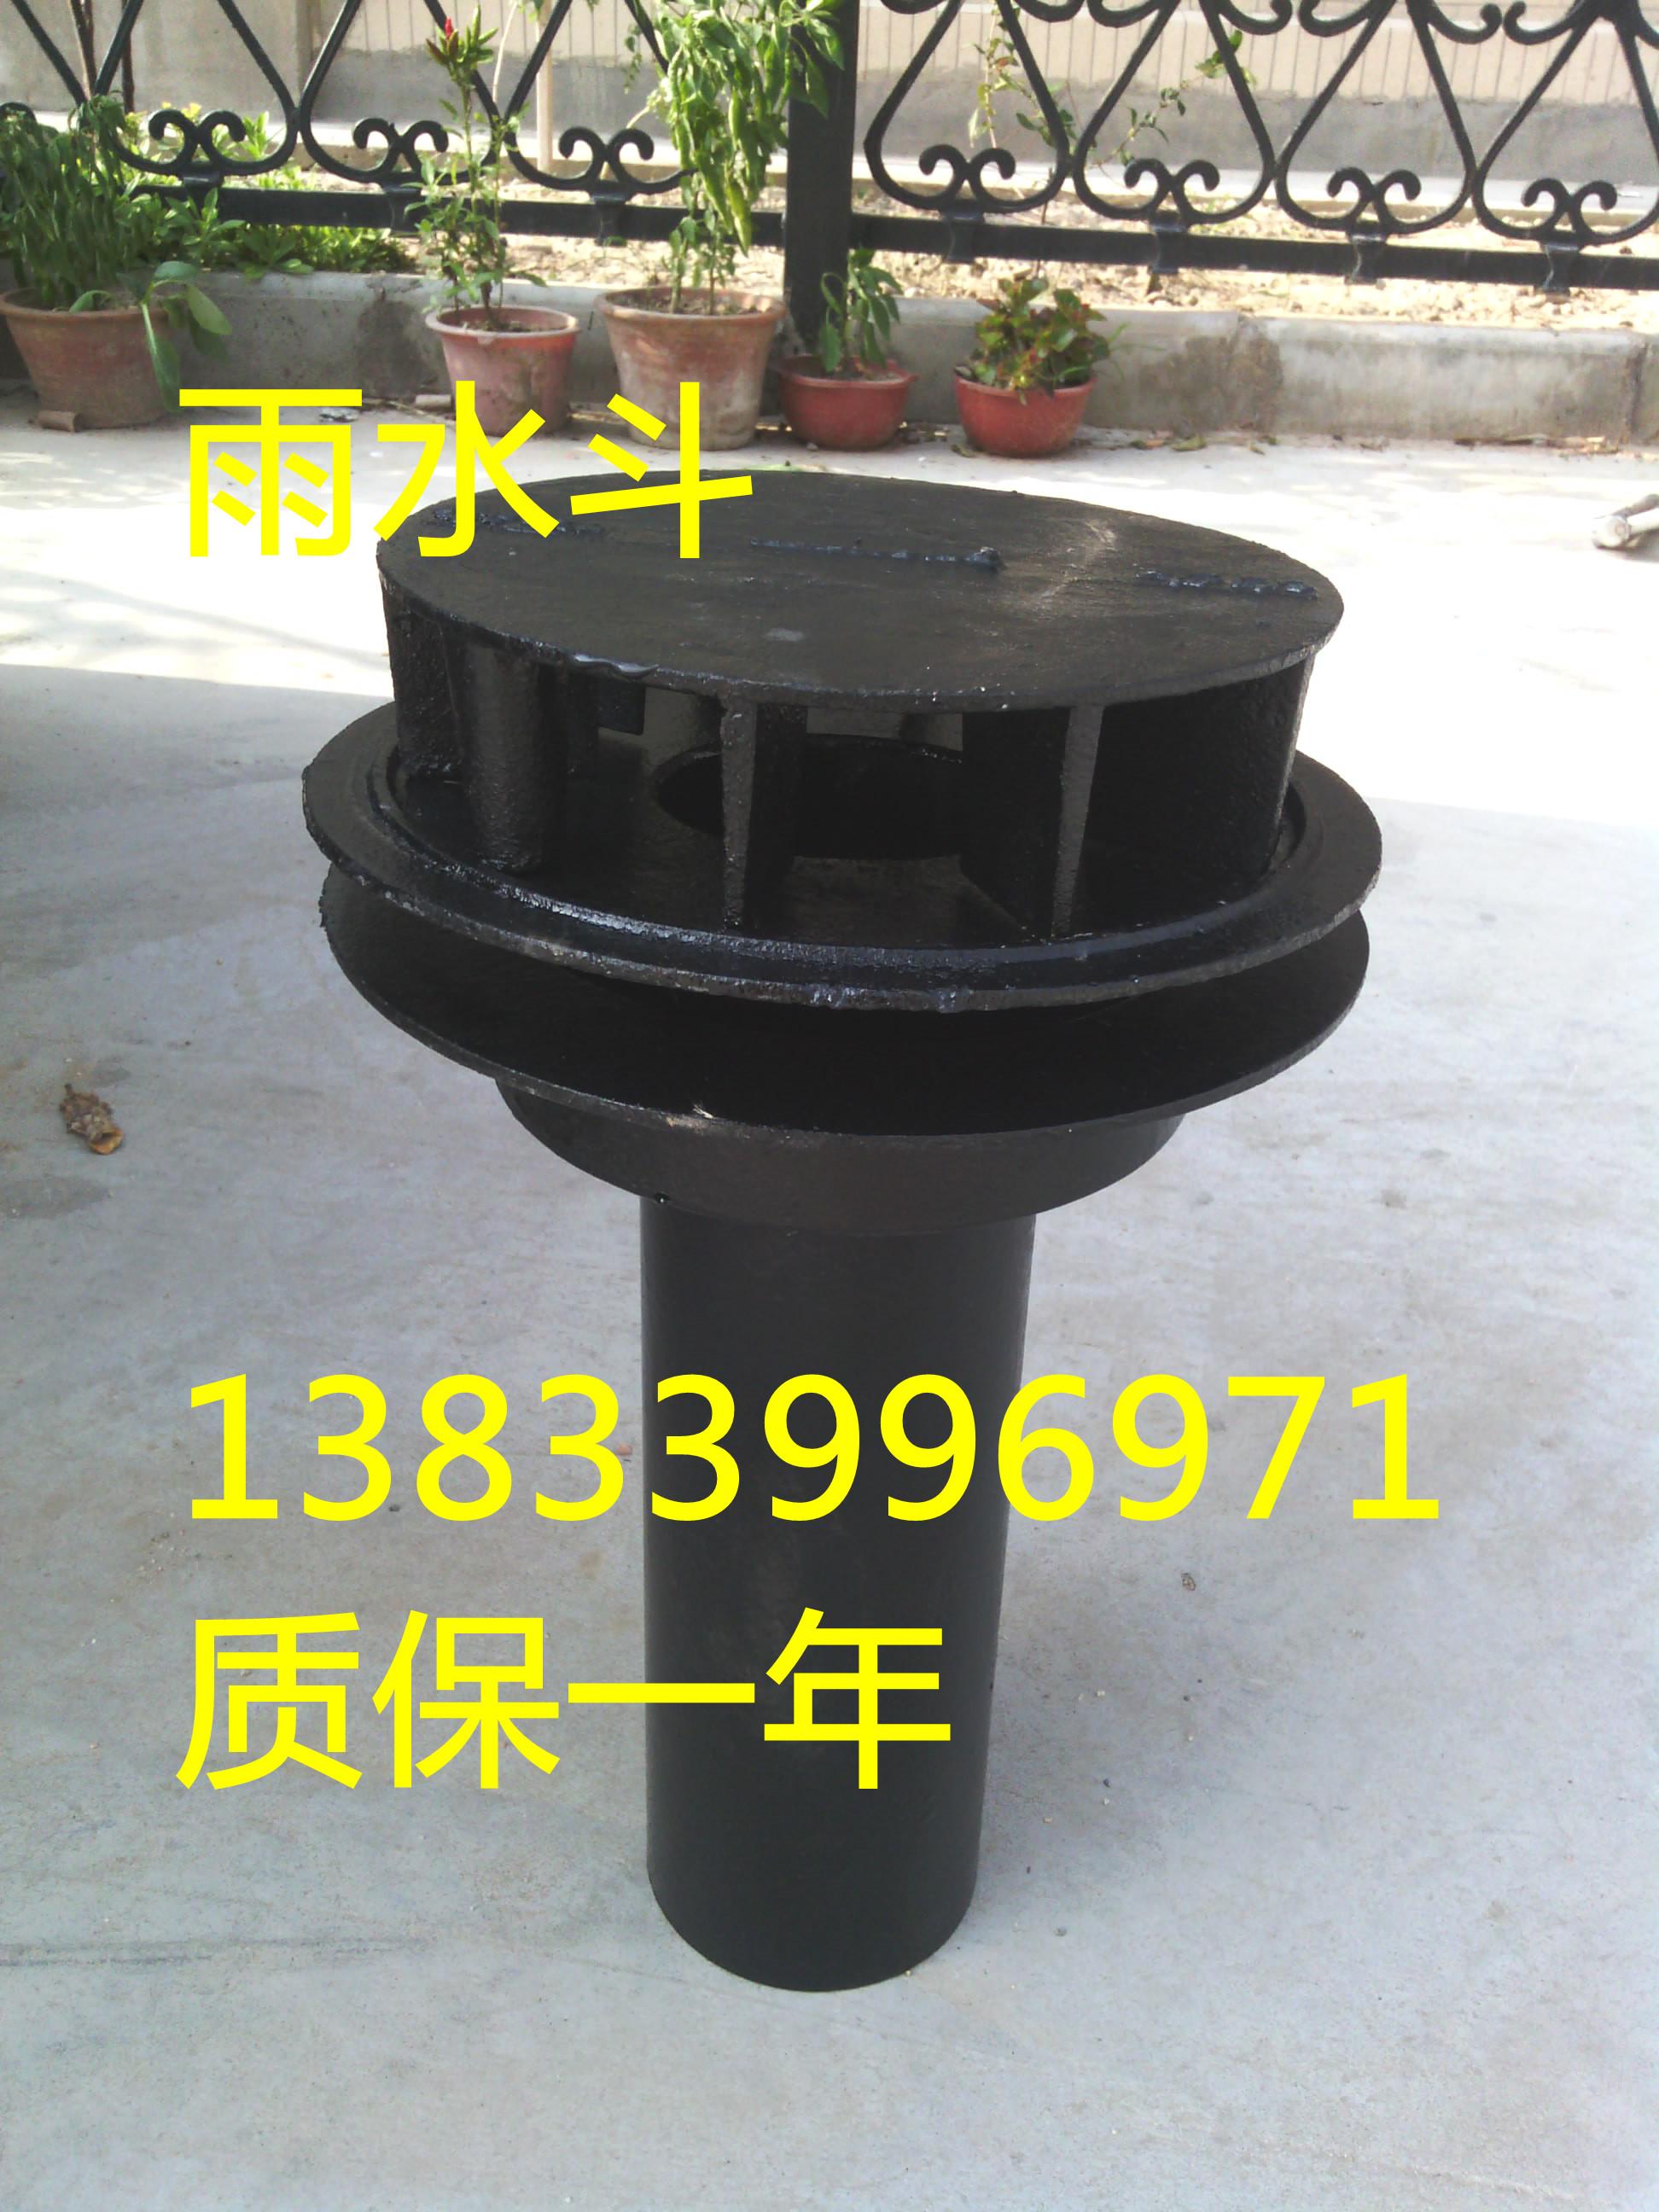 87型钢制雨水斗110 87型钢制雨水斗DN100 87型钢制雨水斗DN160 87型钢制雨水斗160